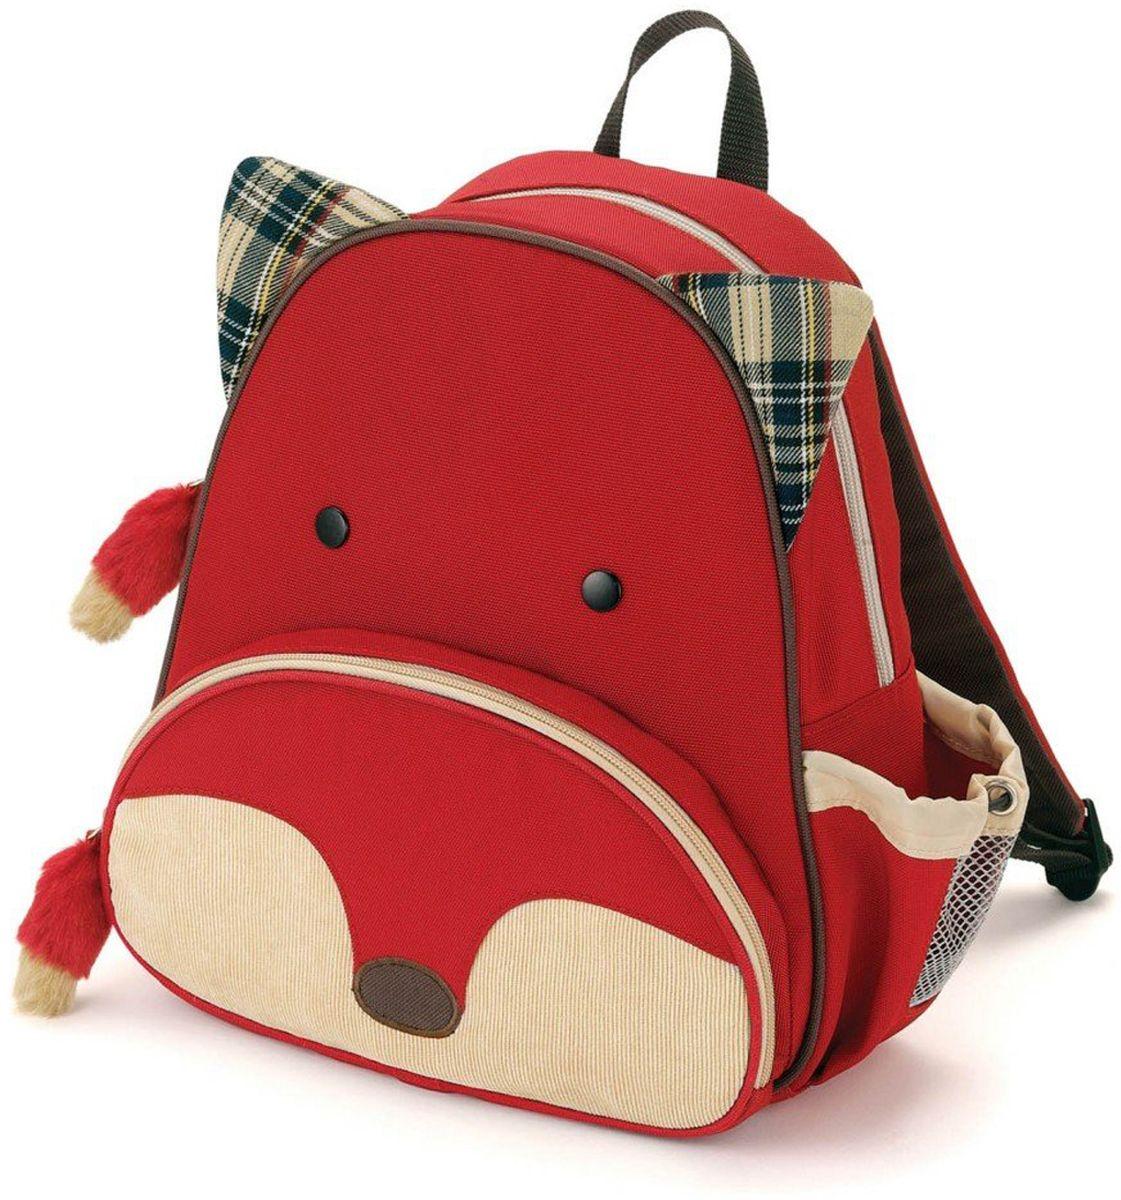 Skip Hop Рюкзак дошкольный Лисичка226100Дошкольный рюкзак Skip Hop каждый день будет радовать вашего малыша, вызывать улыбки у прохожих и зависть у сверстников. С ним можно ходить в детский сад, на прогулку, в гости к бабушке или ездить на экскурсии.Рюкзак имеет одно основное отделение на застежке-молнии, в которое легко поместятся книжка, альбом для рисования, краски, фломастеры, любимая игрушка и контейнер с едой, а кармашек сбоку предназначен специально для бутылочки с водой. Передний карман на молнии предназначен для мелких вещей.Рюкзак оснащен ручкой для переноски в руках и лямками регулируемой длины.